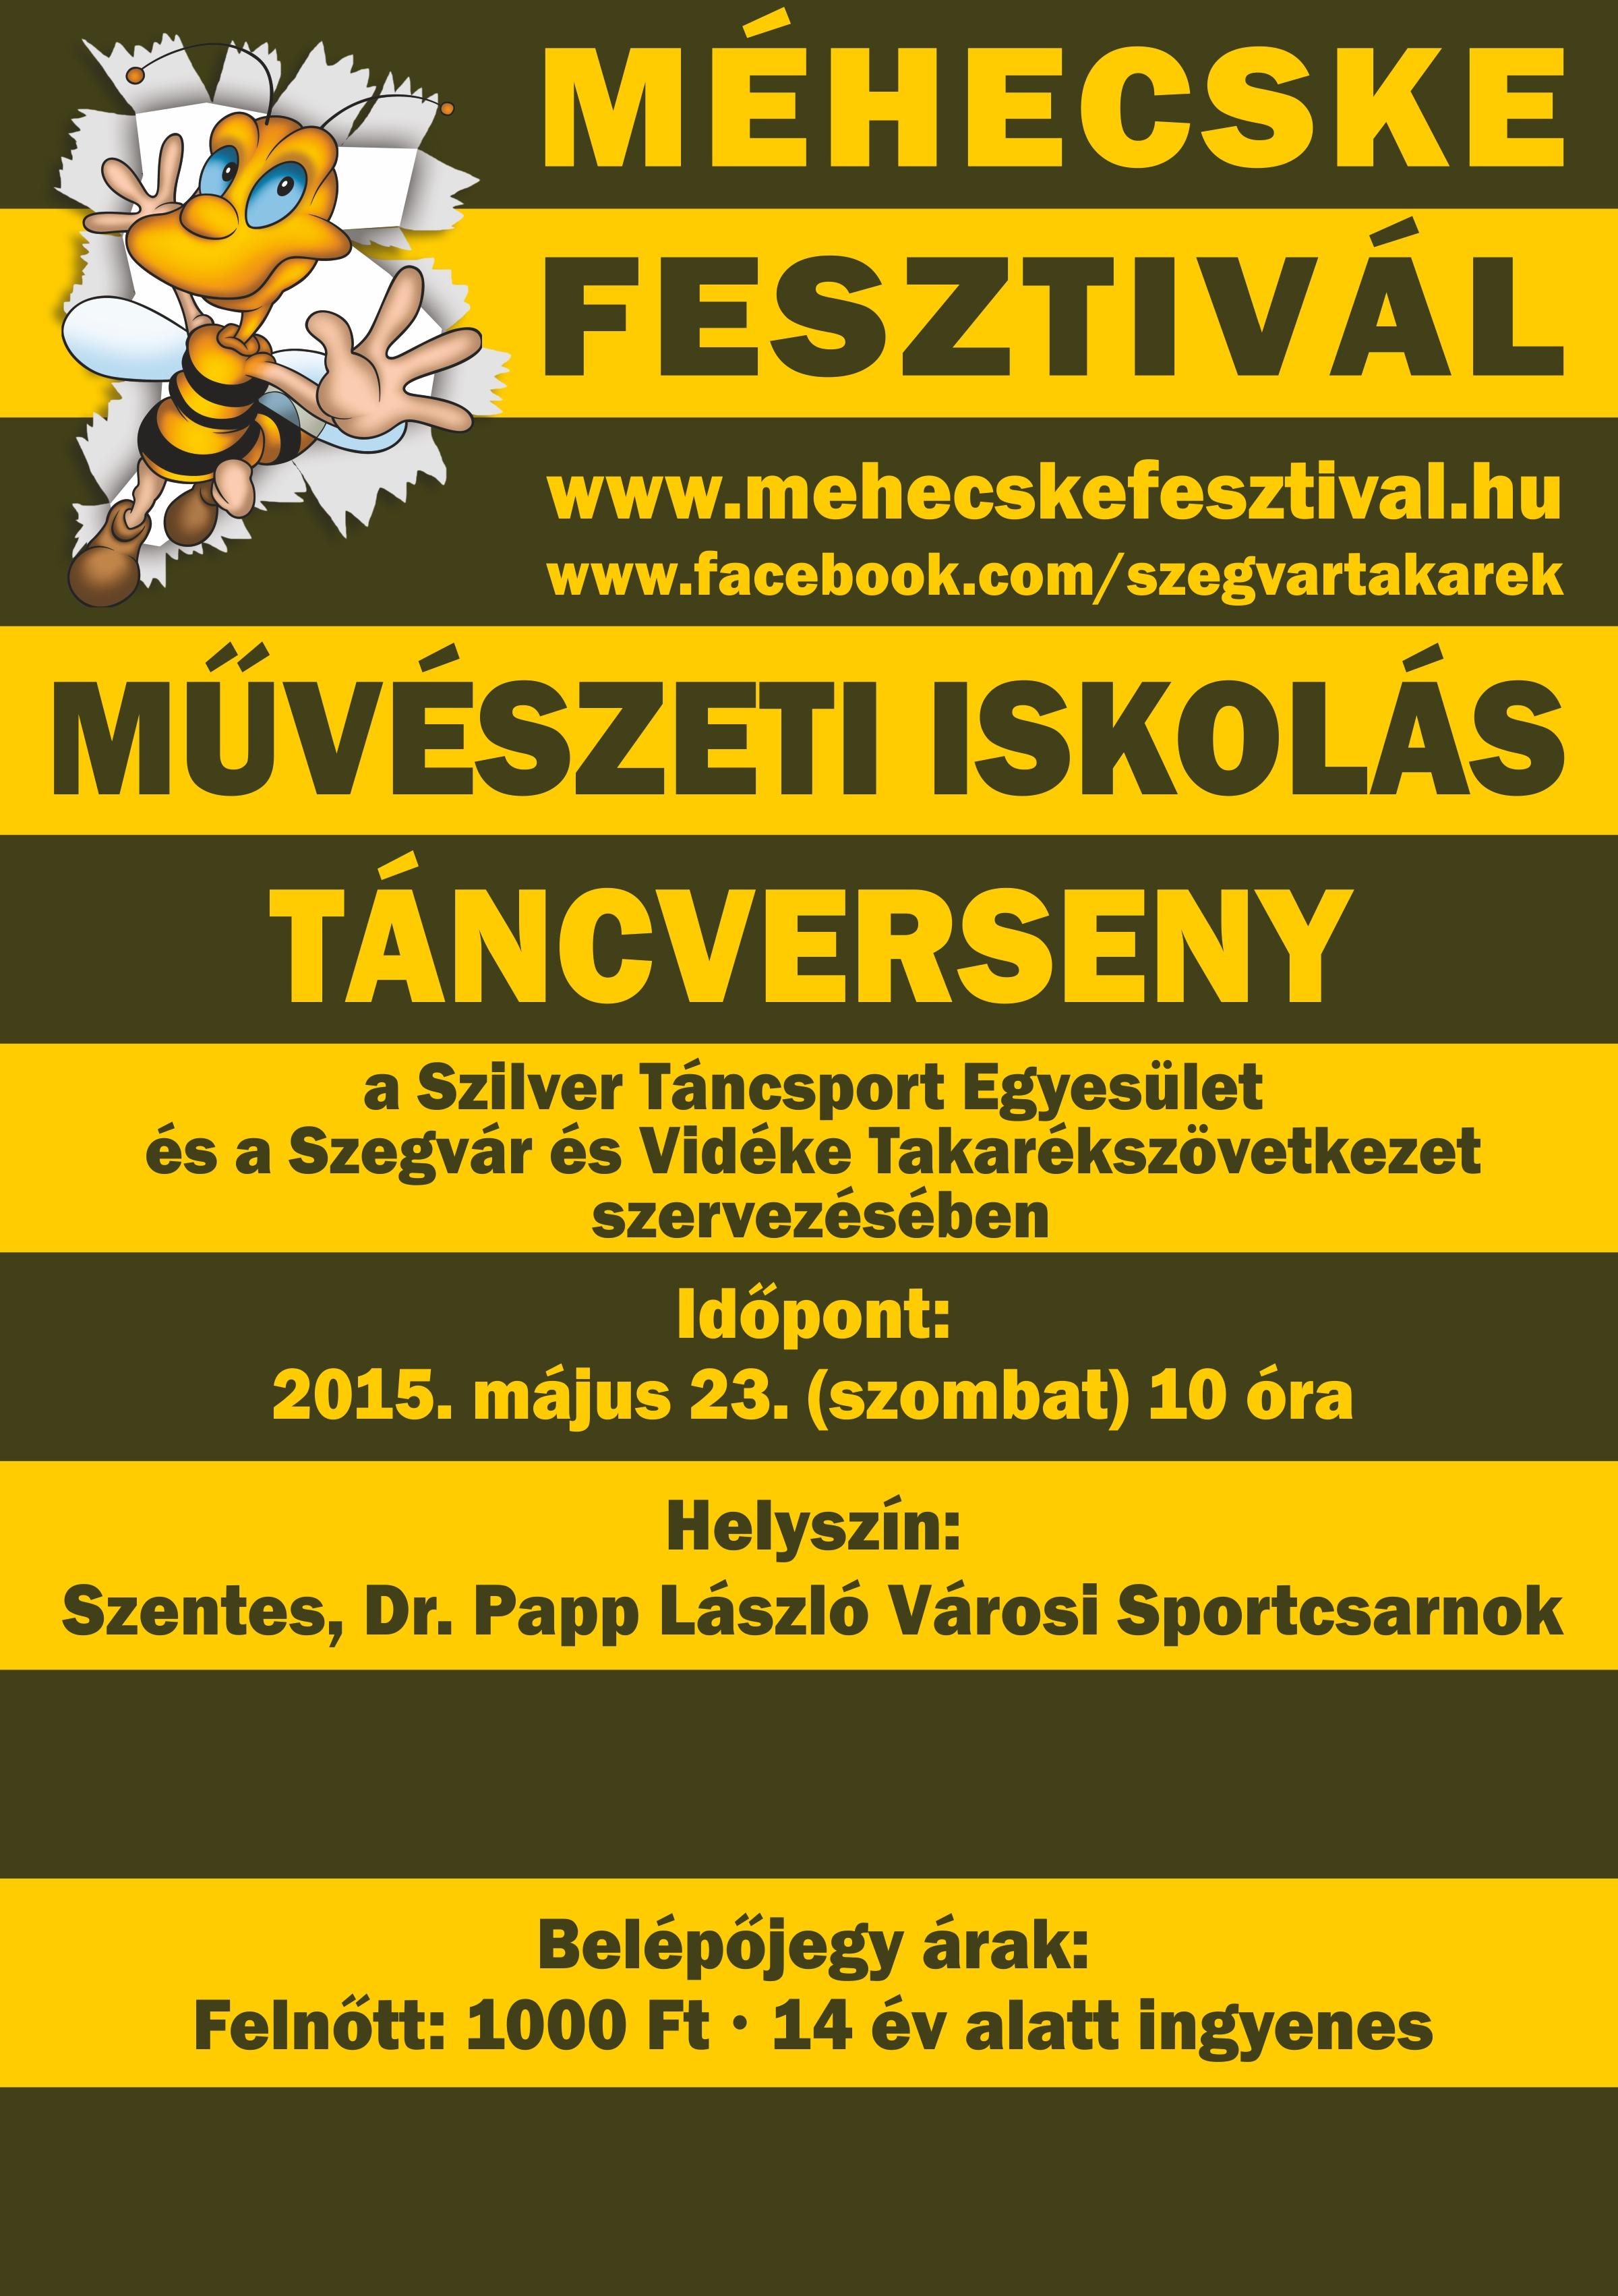 2015.05.24. Méhecske fesztivál 2015. - 15 - Készítette:PURGEL ZOLTÁN©.jpg